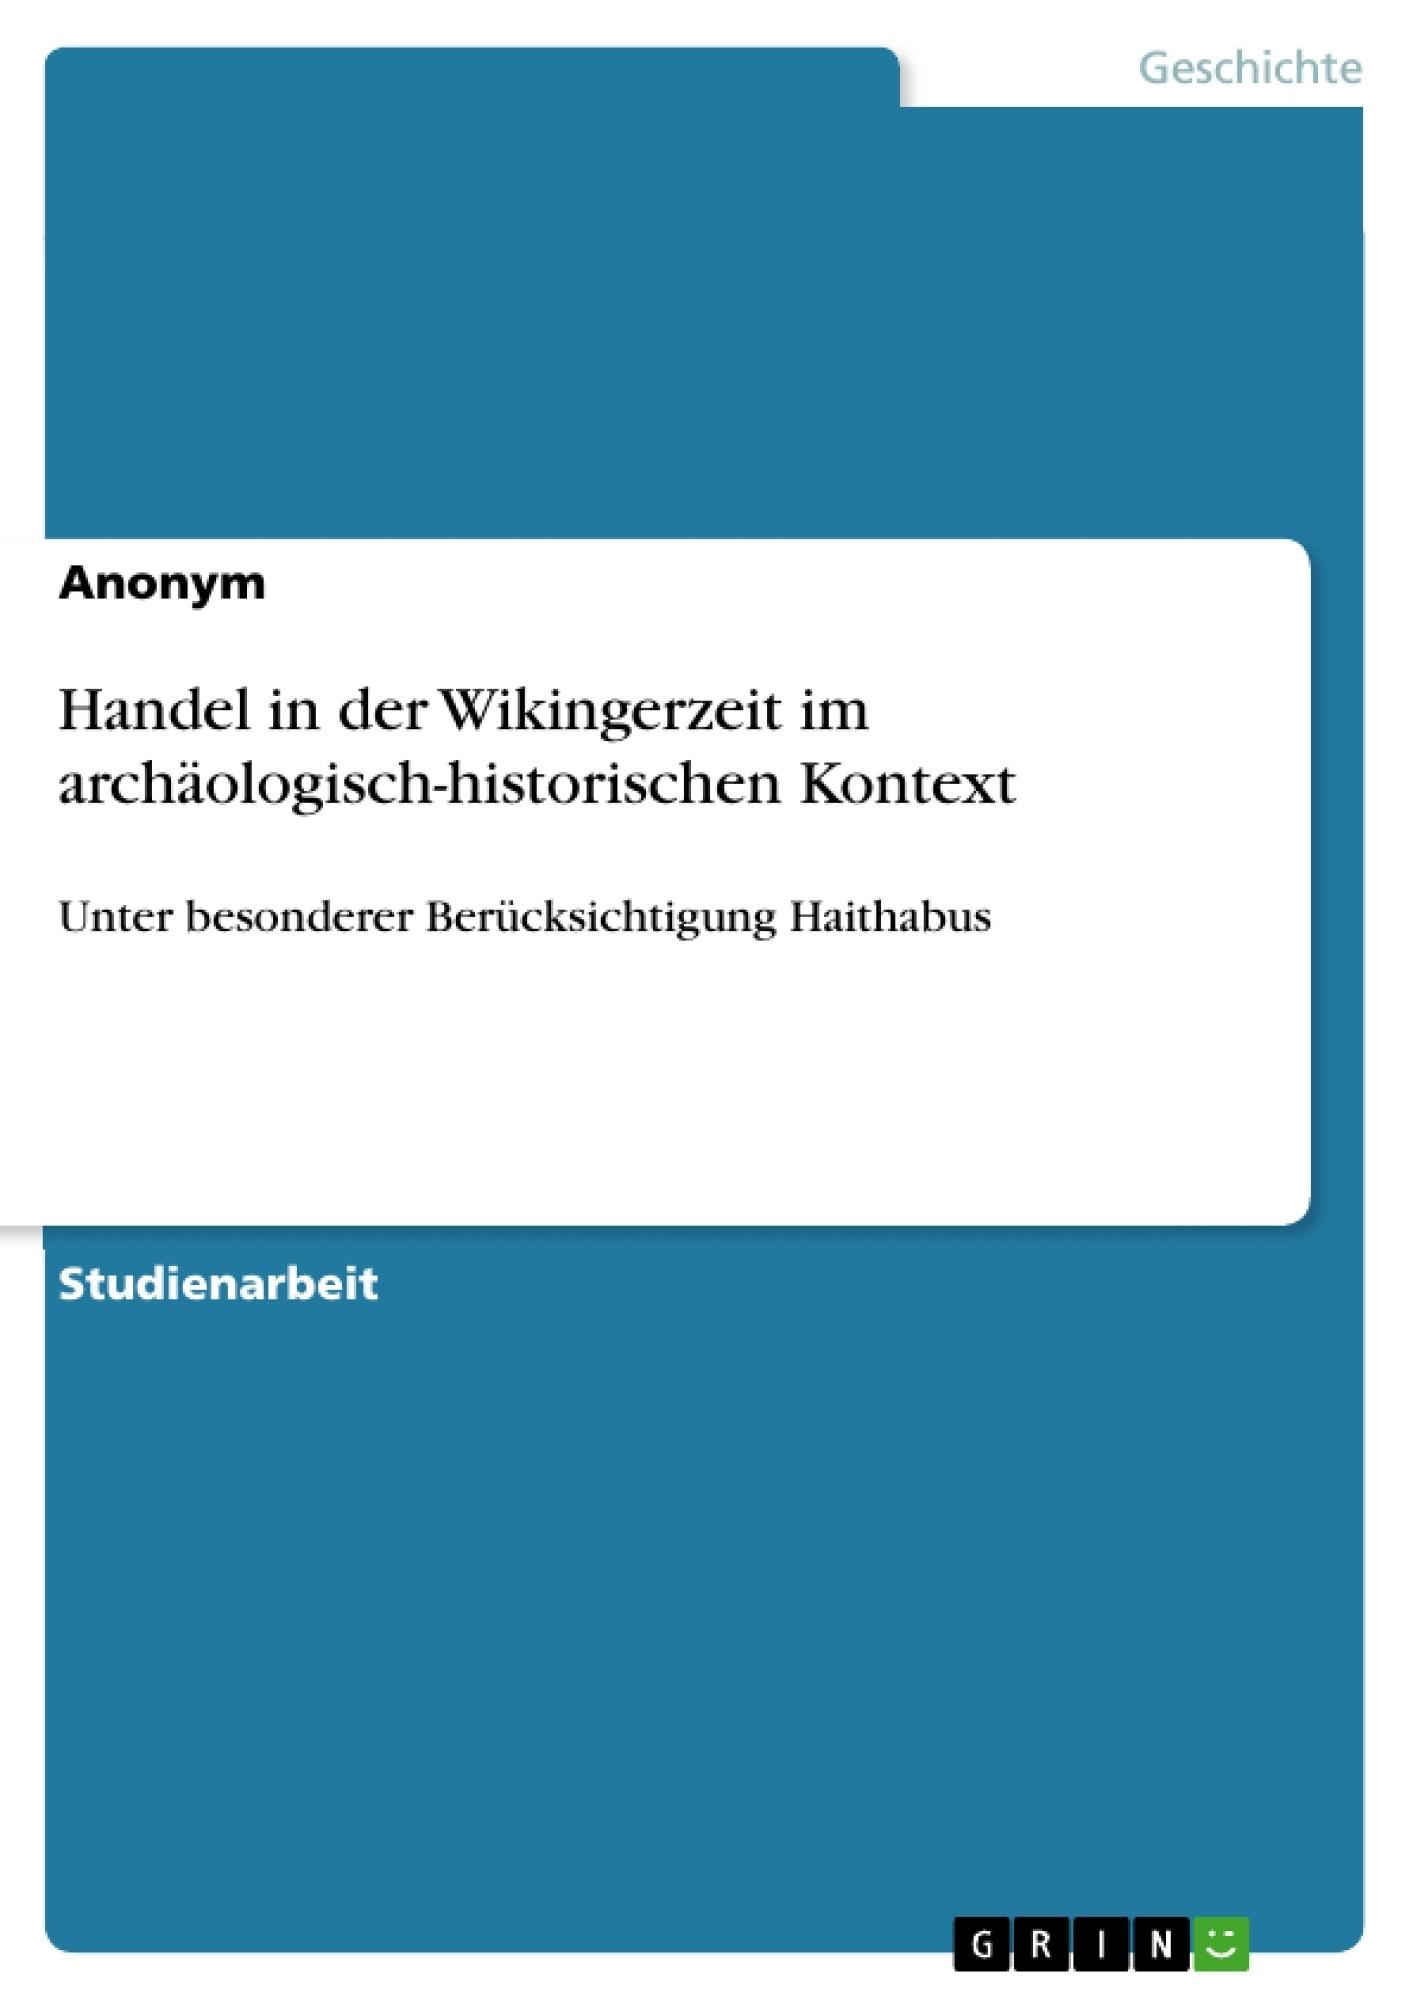 Titel: Handel in der Wikingerzeit im archäologisch-historischen Kontext